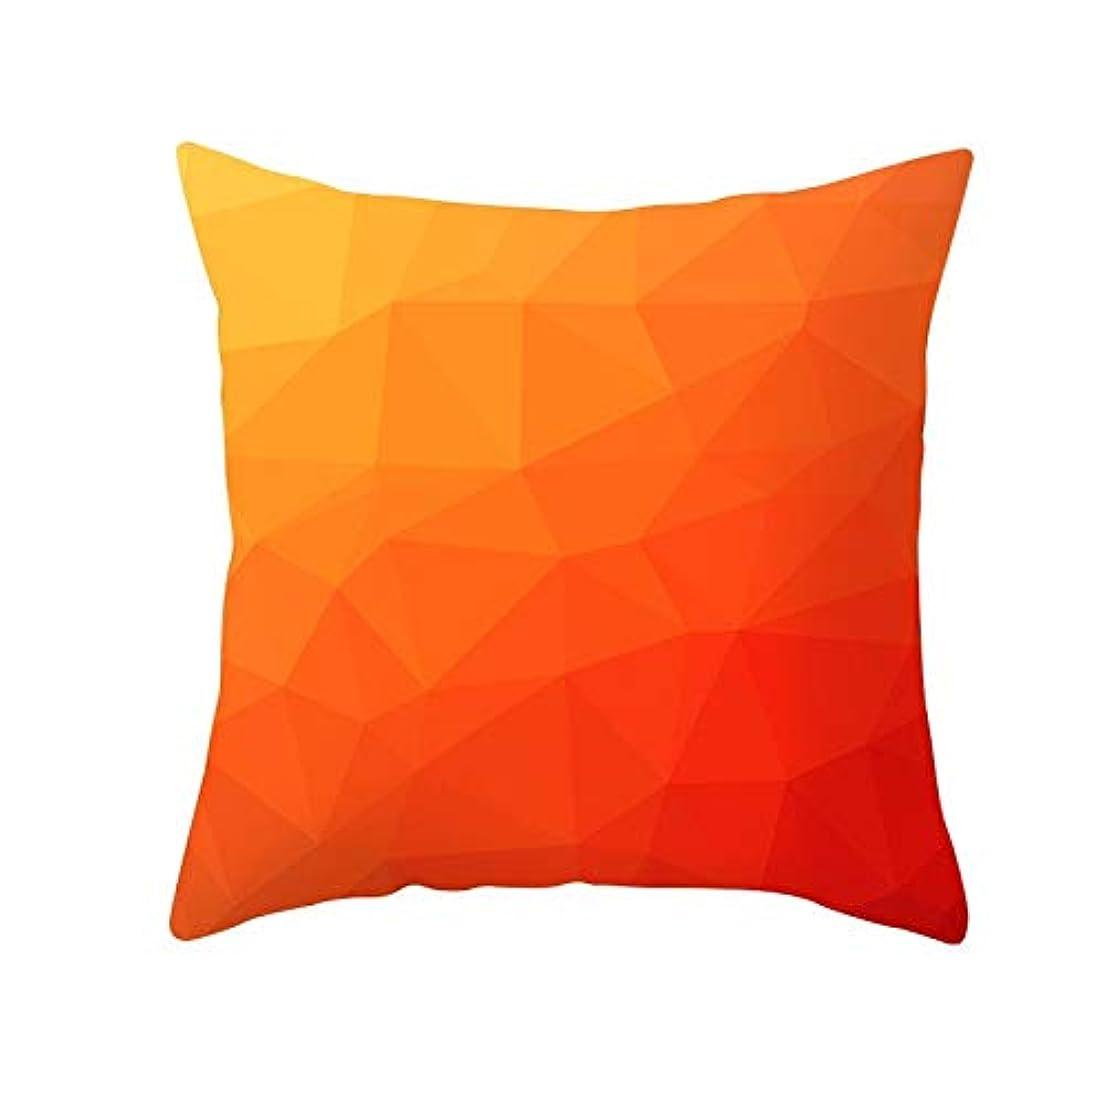 不幸新着境界LIFE 装飾クッションソファ 幾何学プリントポリエステル正方形の枕ソファスロークッション家の装飾 coussin デ長椅子 クッション 椅子